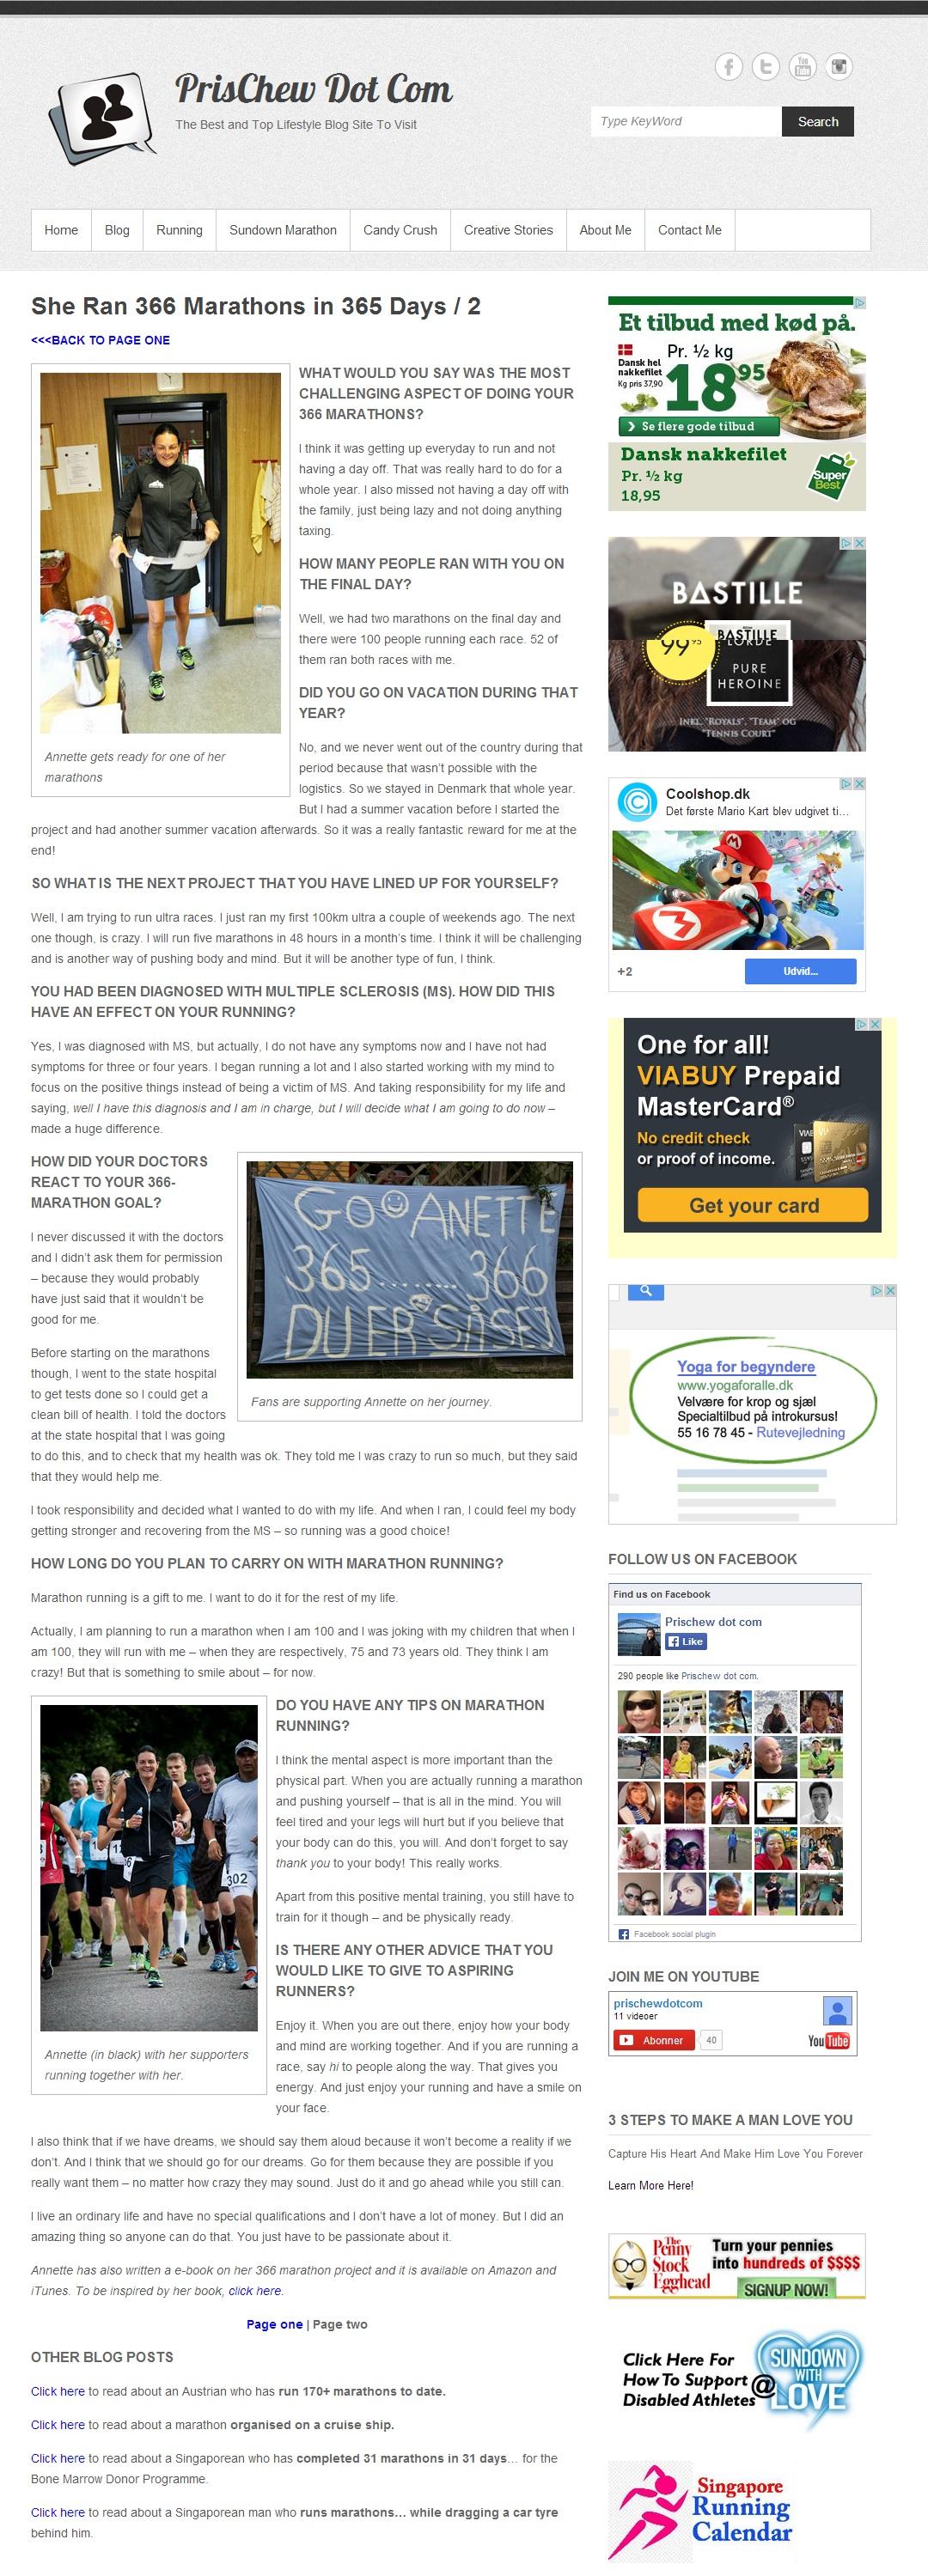 prischew.com 2014.05.01 2